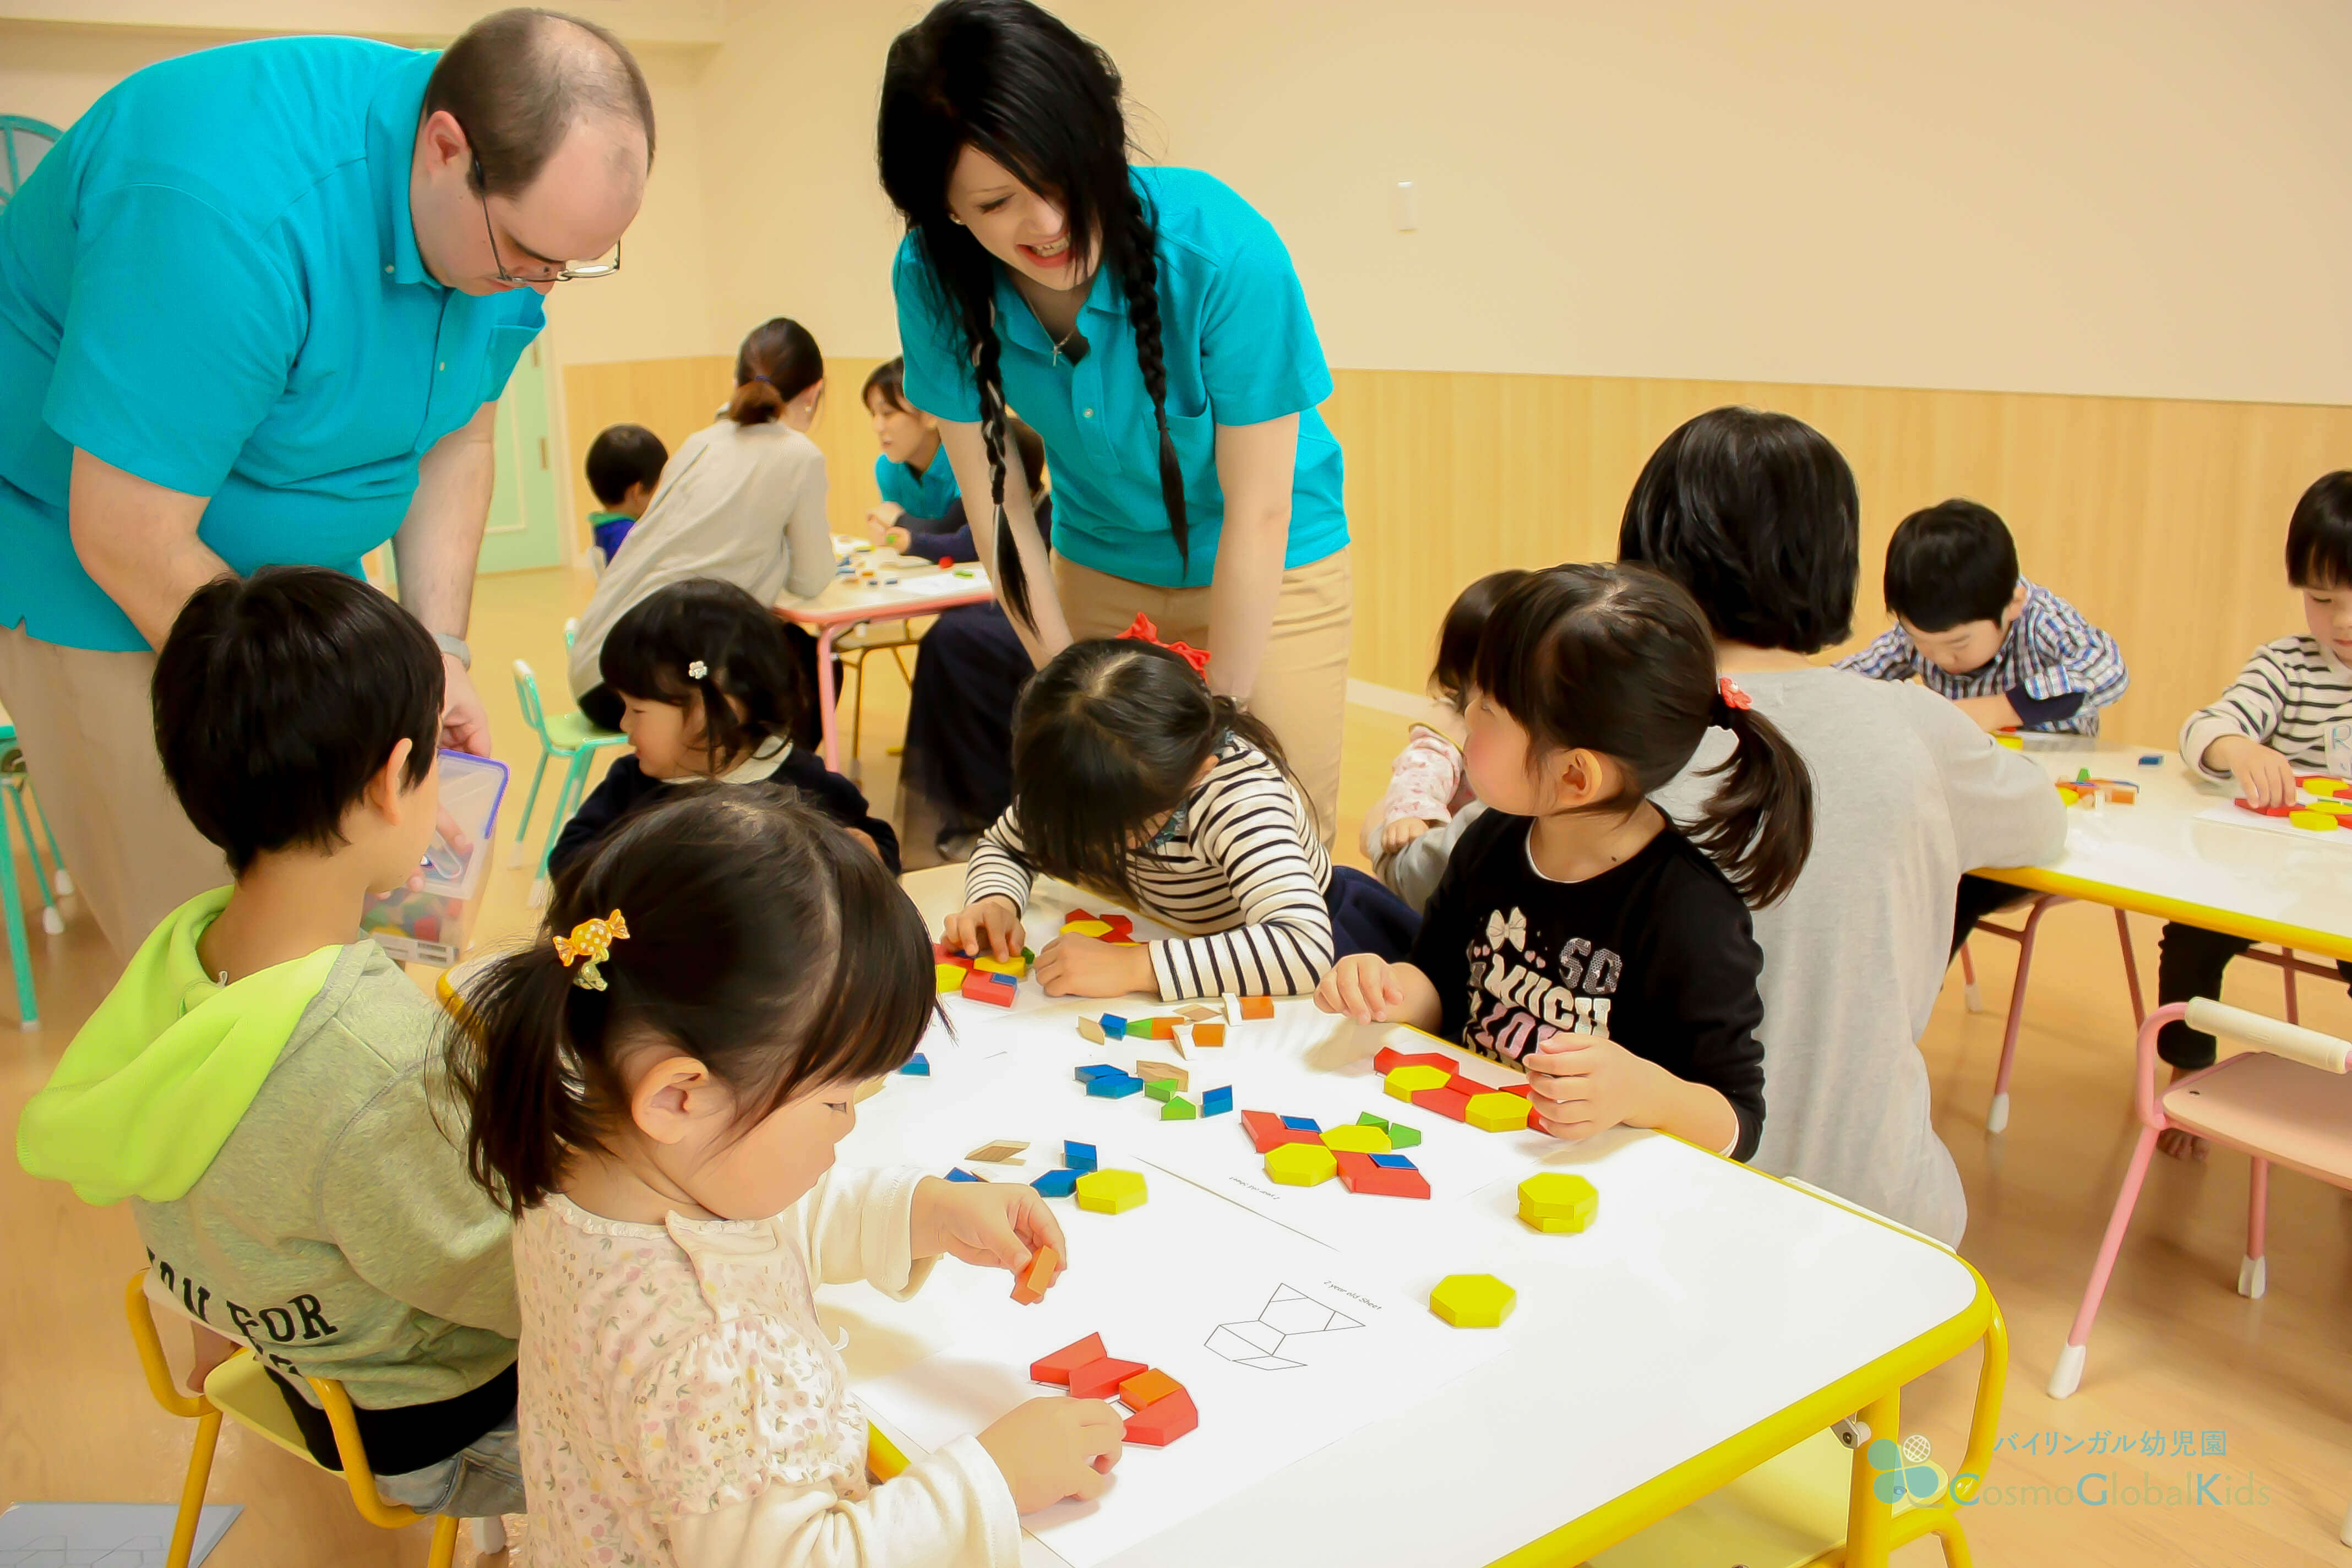 バイリンガル幼児園 Cosmo Global Kids(コスモグローバルキッズ)